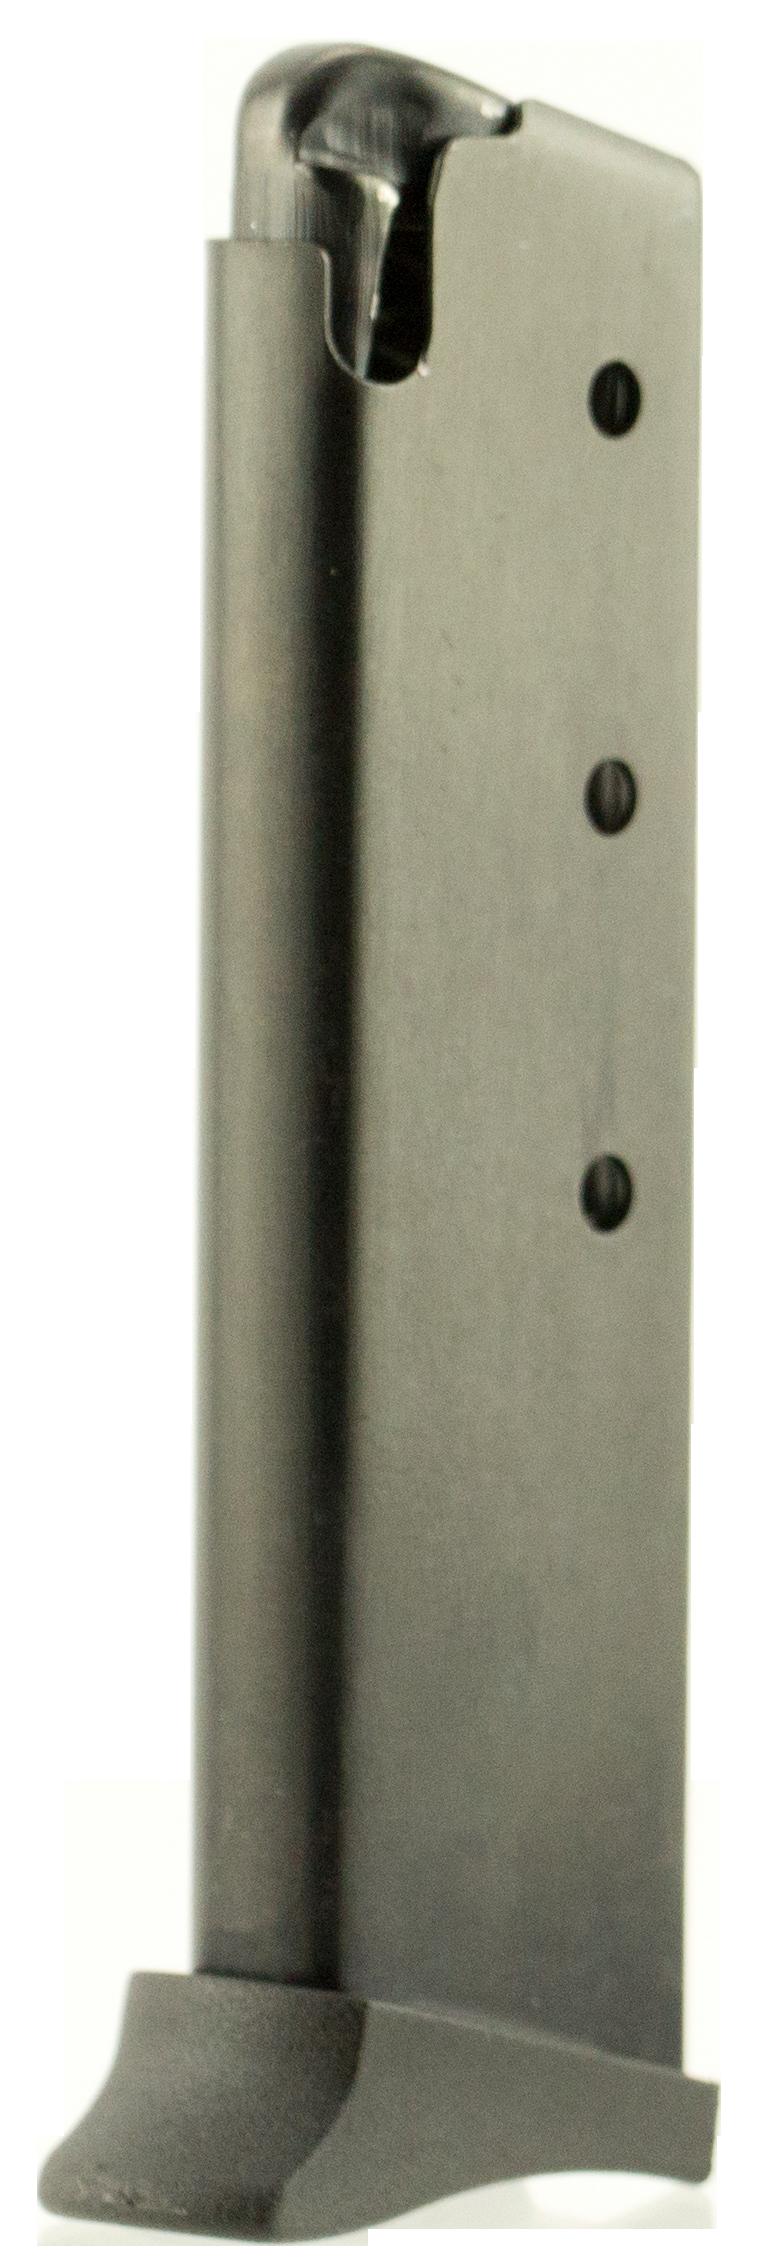 PROMAG SIG P230